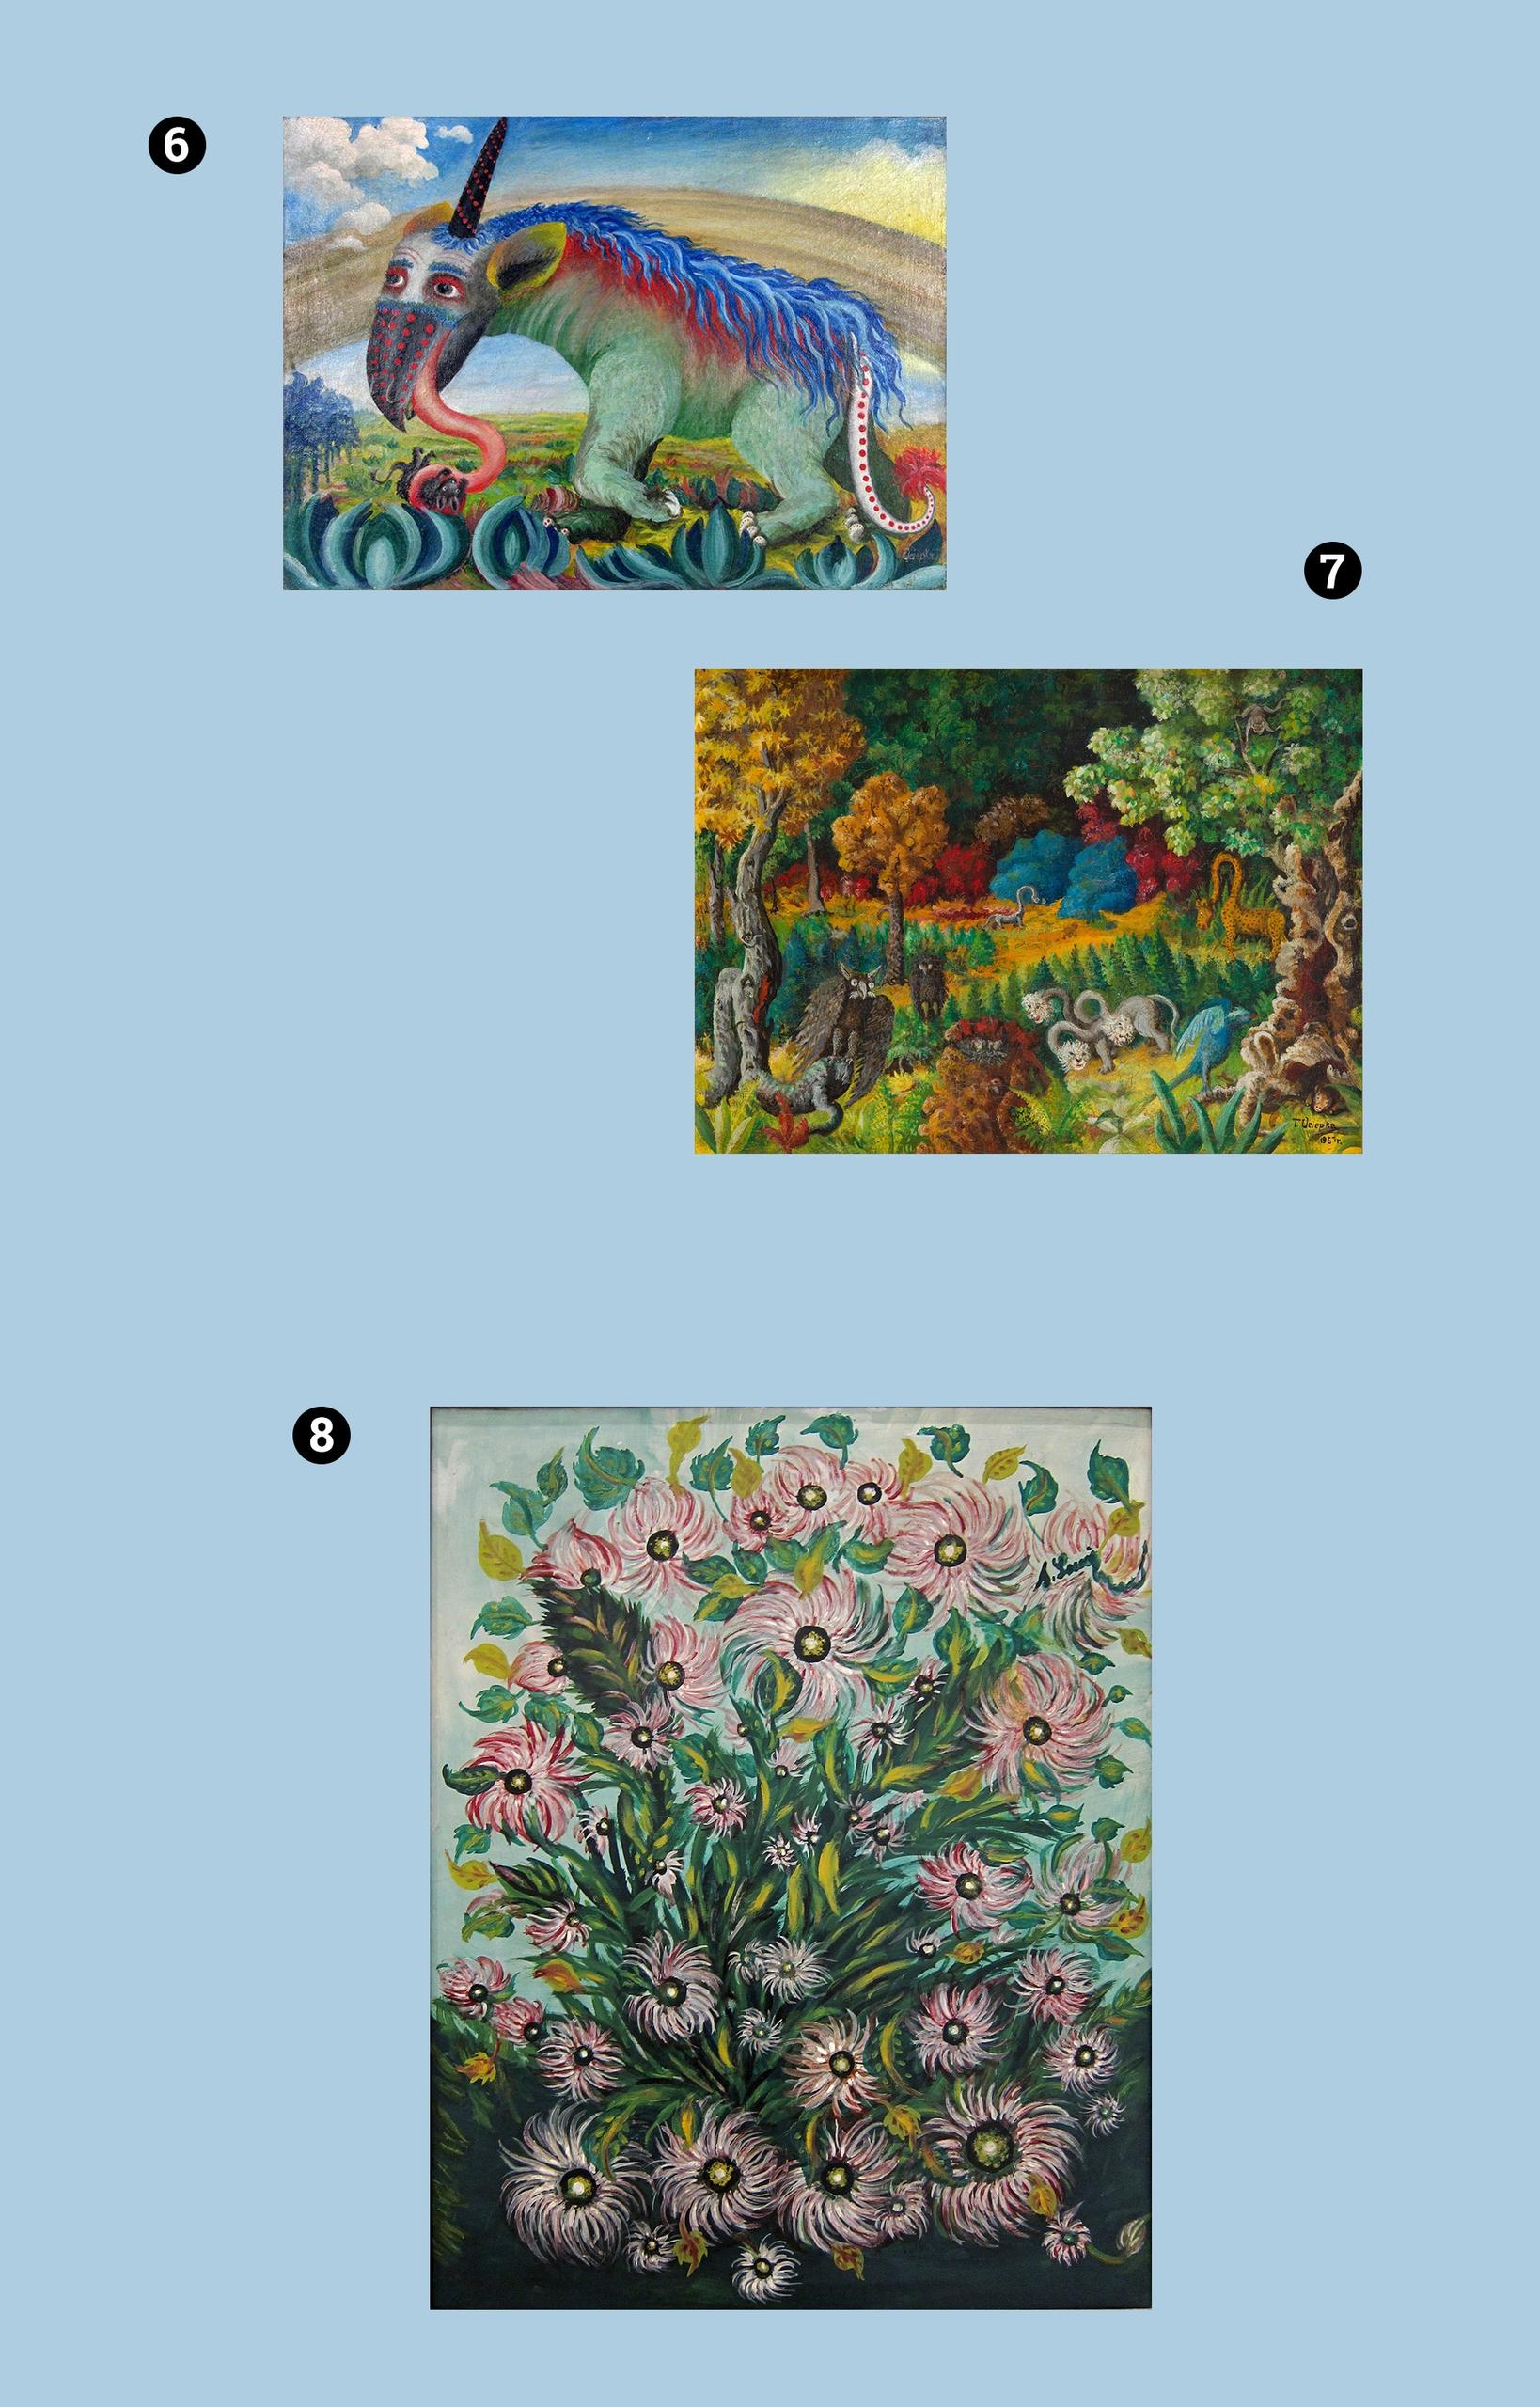 Obraz przedstawia trzy zdjęcia kolorowych dzieł artystów. Całość na jasno-niebieskim tle.